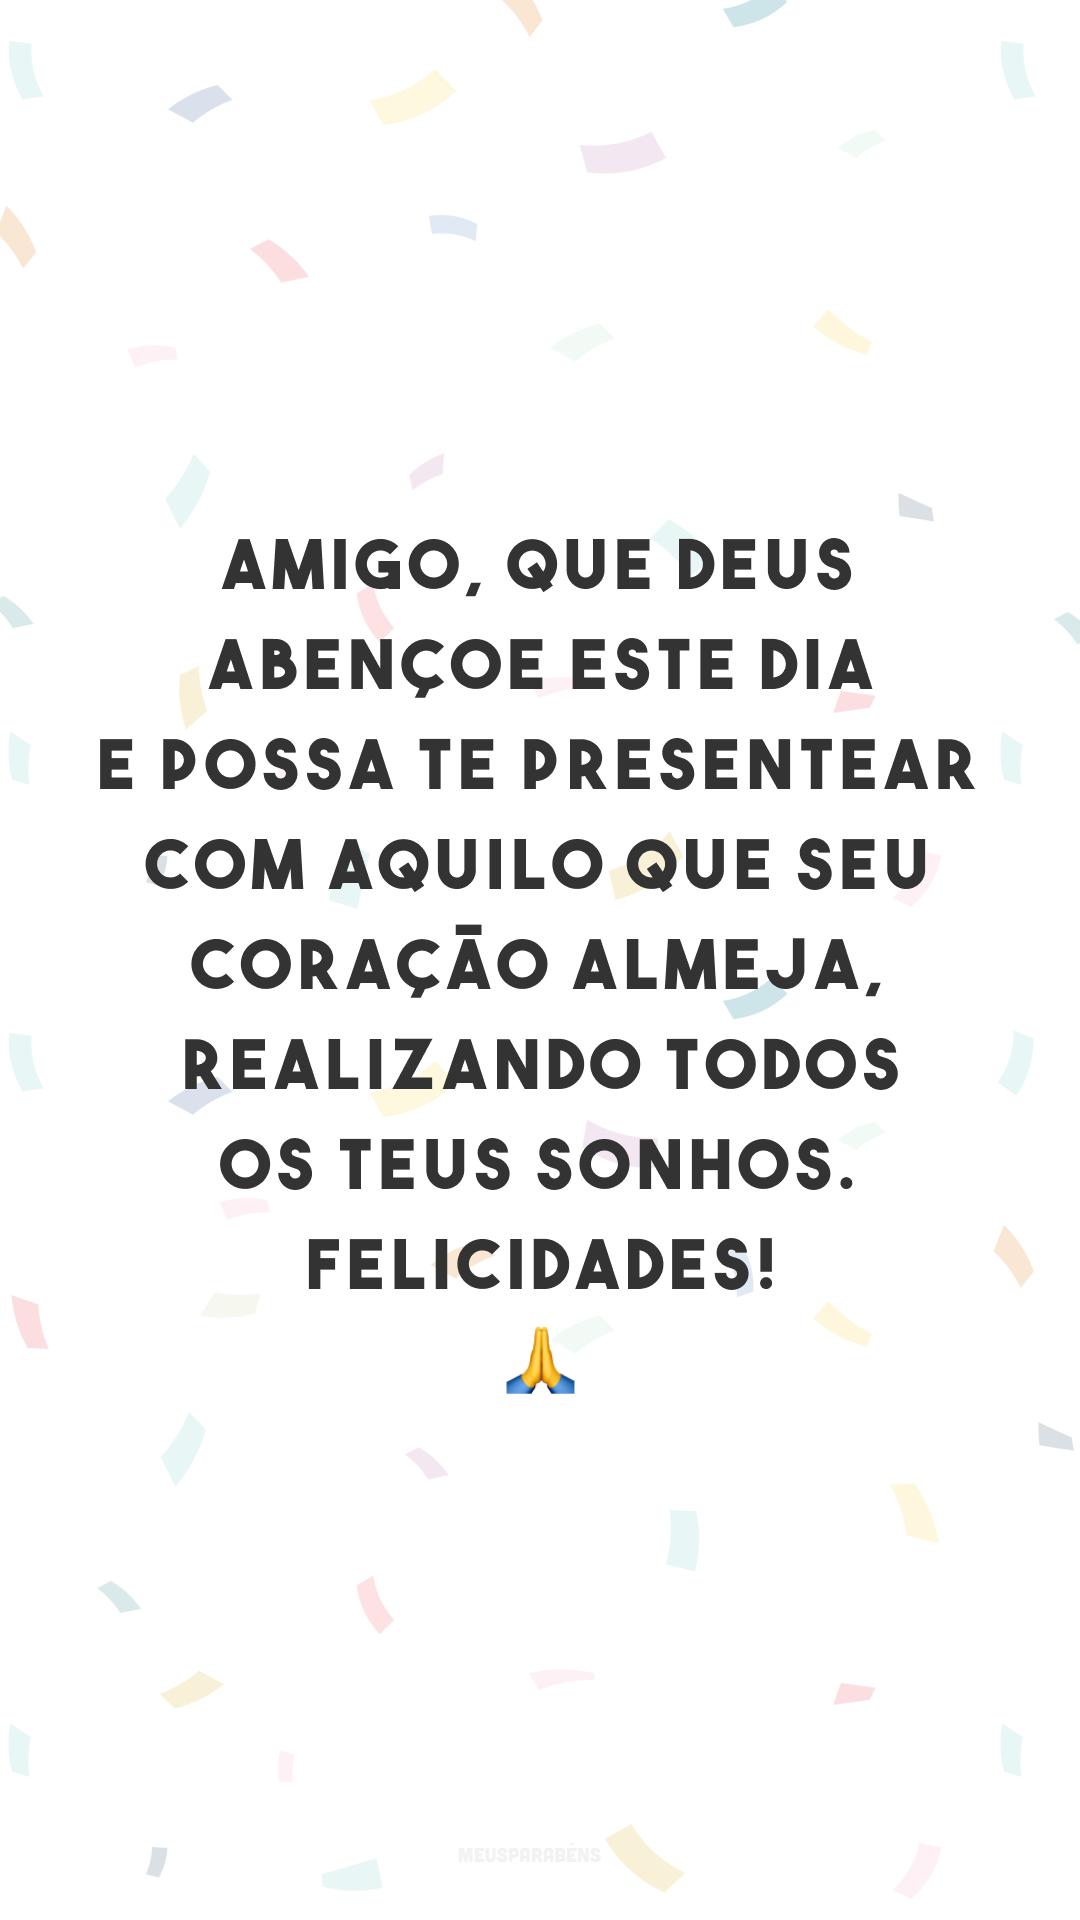 Amigo, que Deus abençoe este dia e possa te presentear com aquilo que seu coração almeja, realizando todos os teus sonhos. Felicidades! 🙏